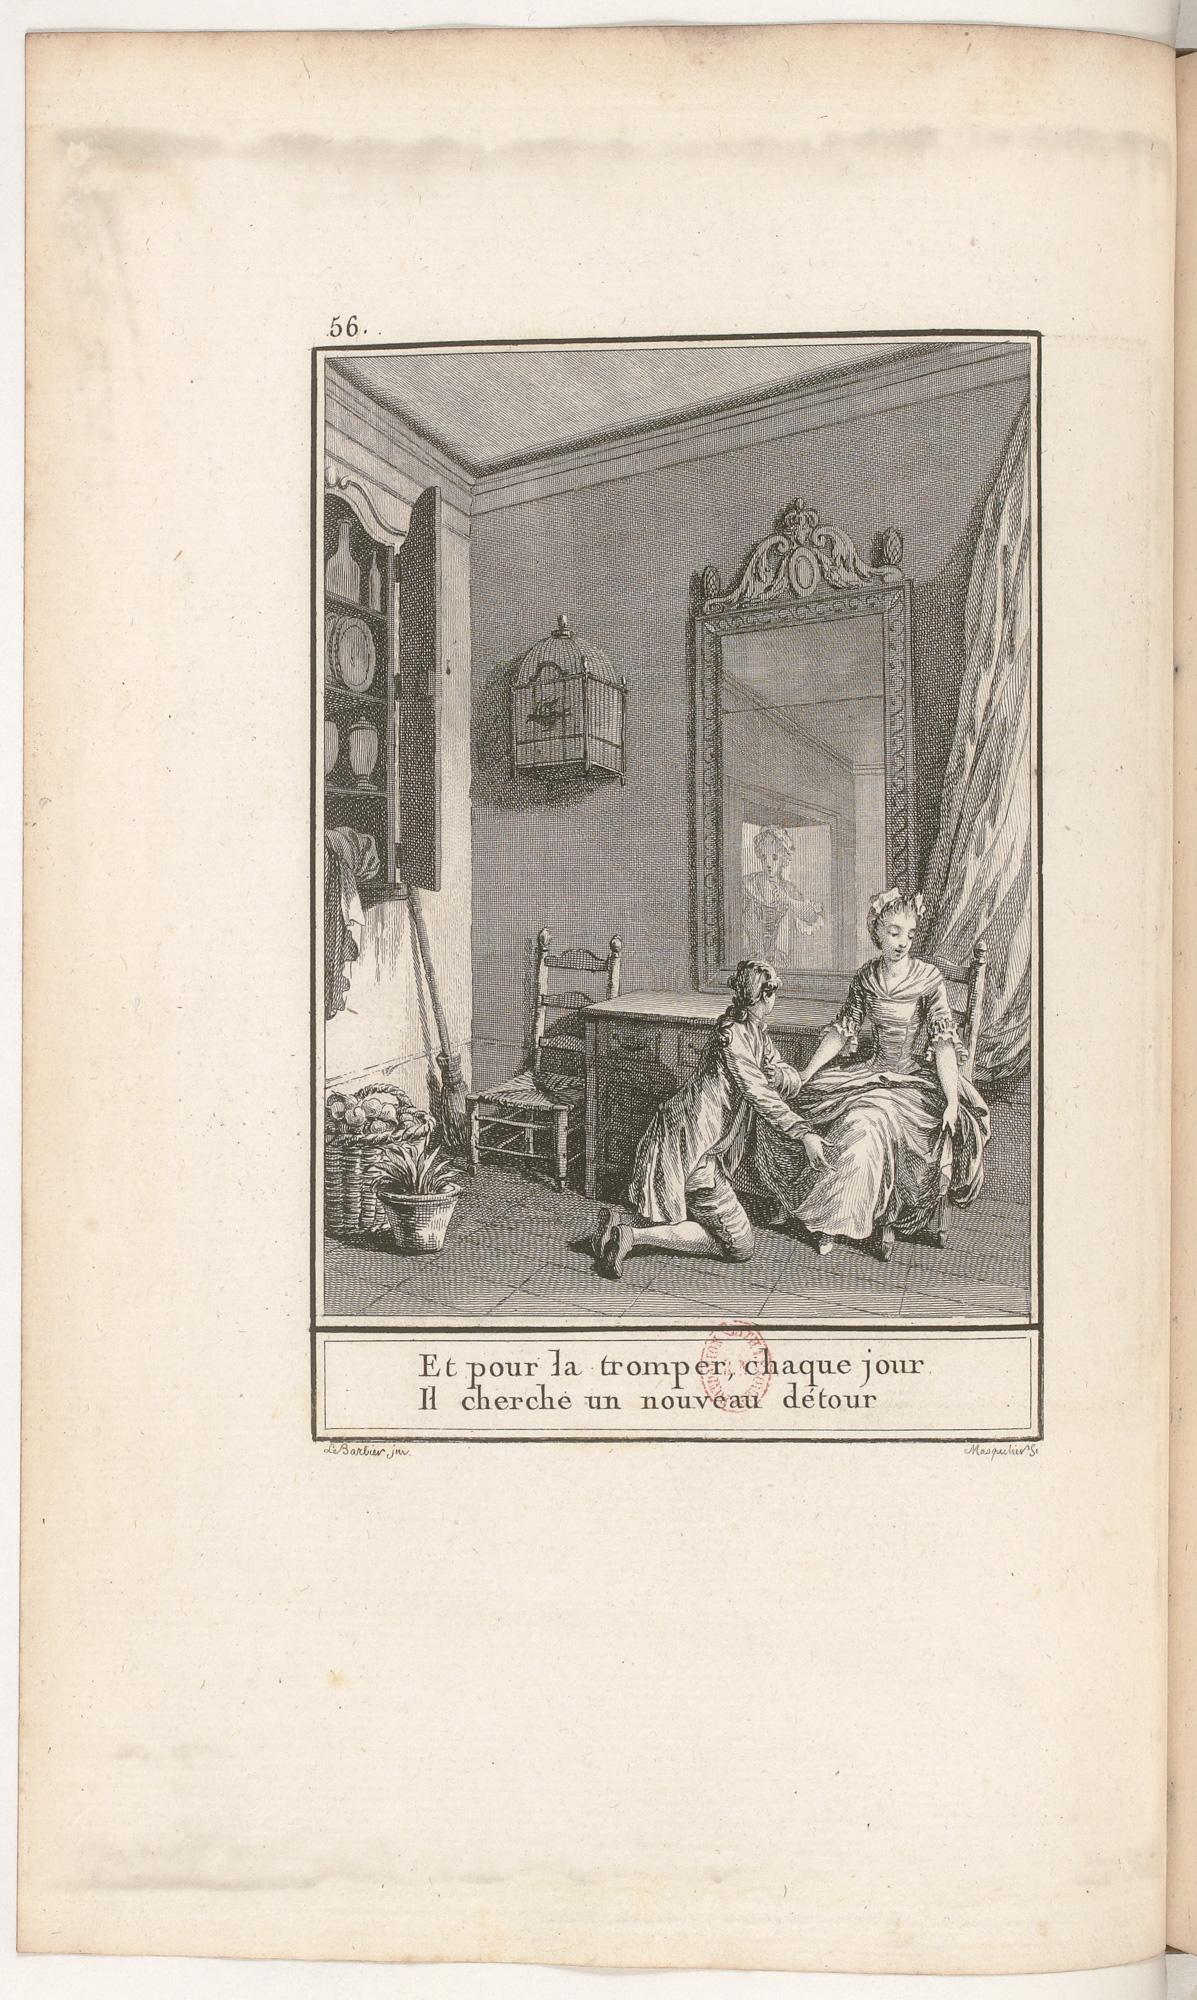 S.4.10 Les effets du bonheur, 1772, Image